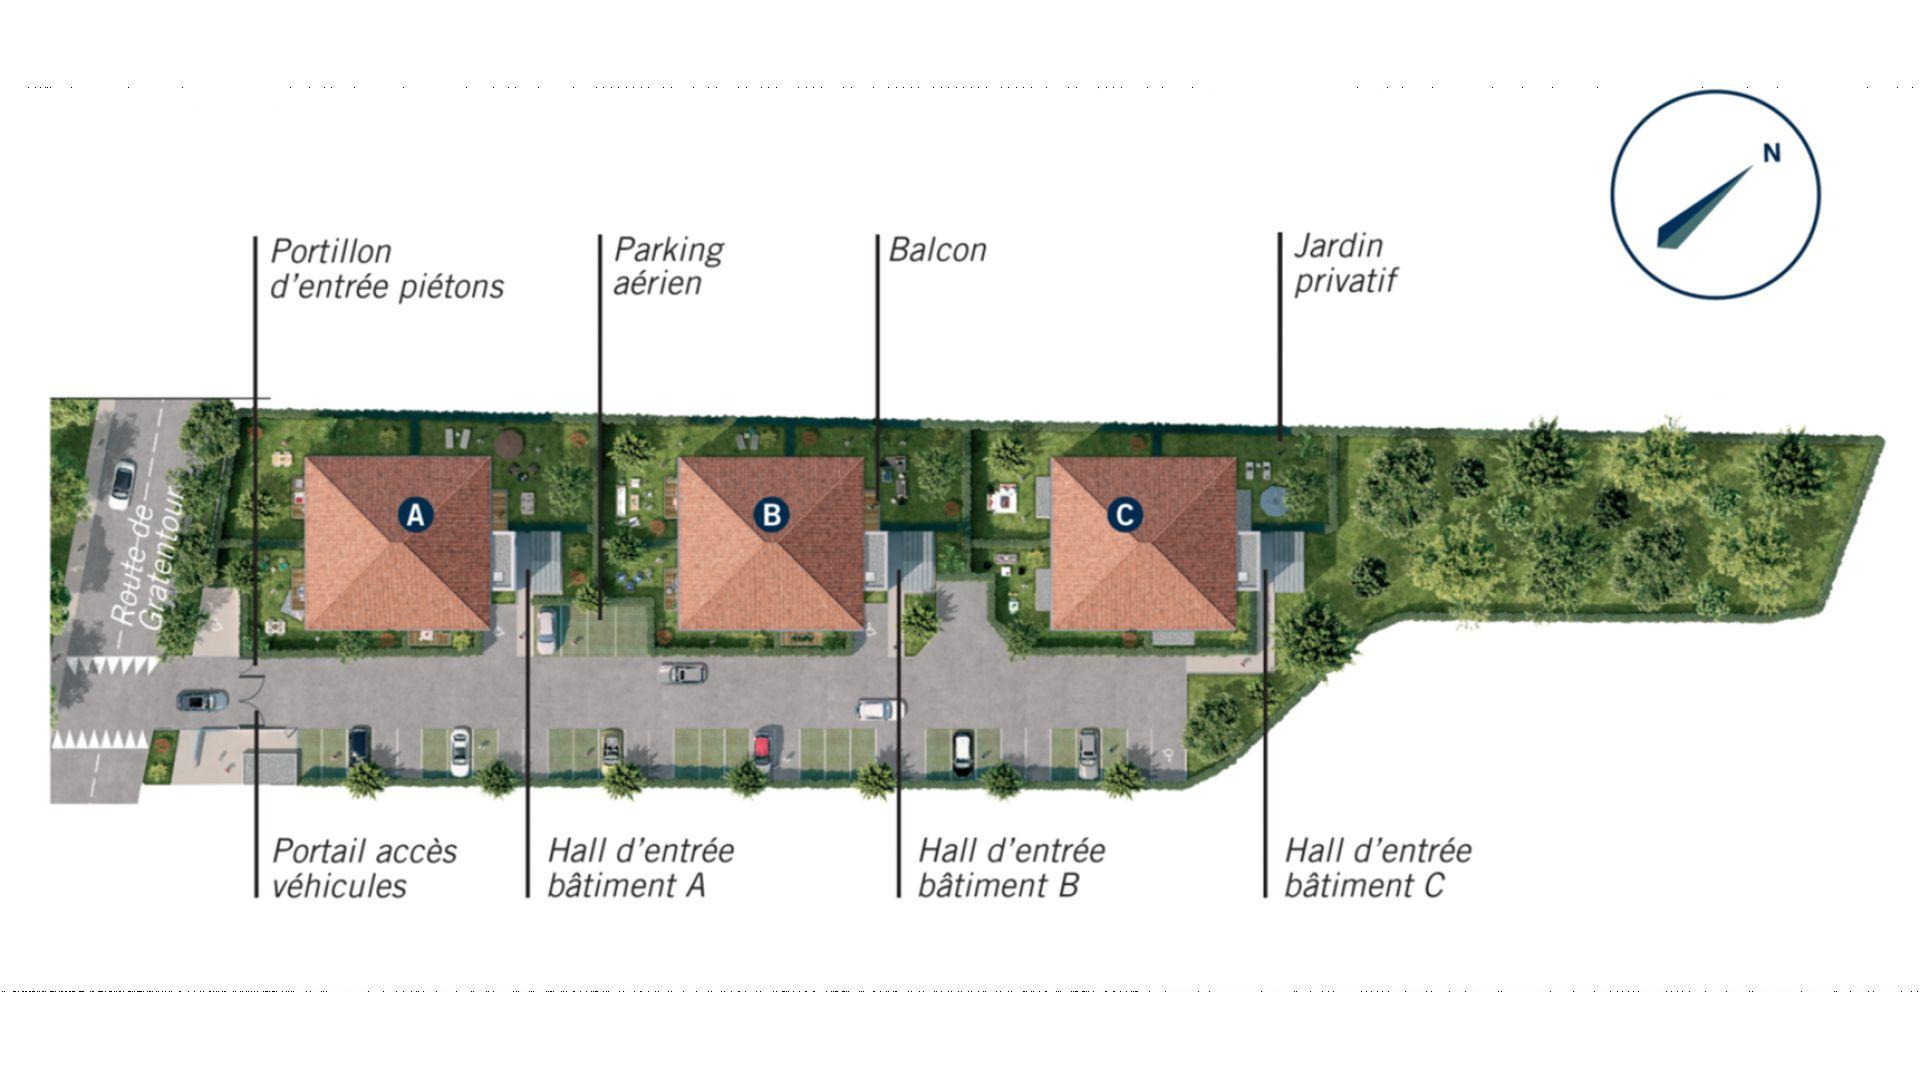 Greencity Immobilier - Le Roncevaux - achat appartements du T2 au T3 - Pechbonnieu 31140 - plan de masse